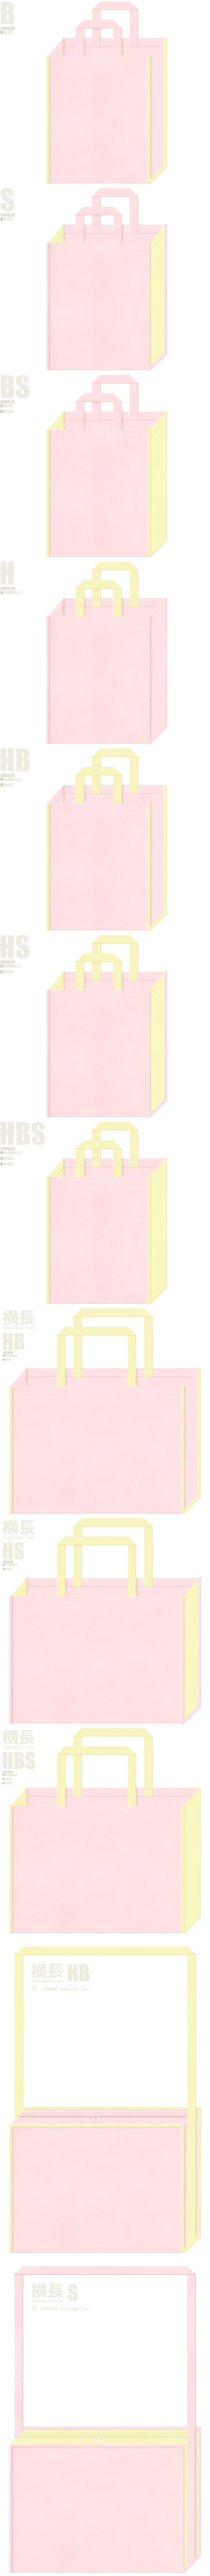 保育・福祉・介護・医療・七五三・入園・入学・ひな祭り・ムーンライト・バタフライ・ピーチ・ファンシー・フラワーショップ・パステルカラー・ガーリーデザインにお奨めの不織布バッグデザイン:桜色と薄黄色の配色7パターン。